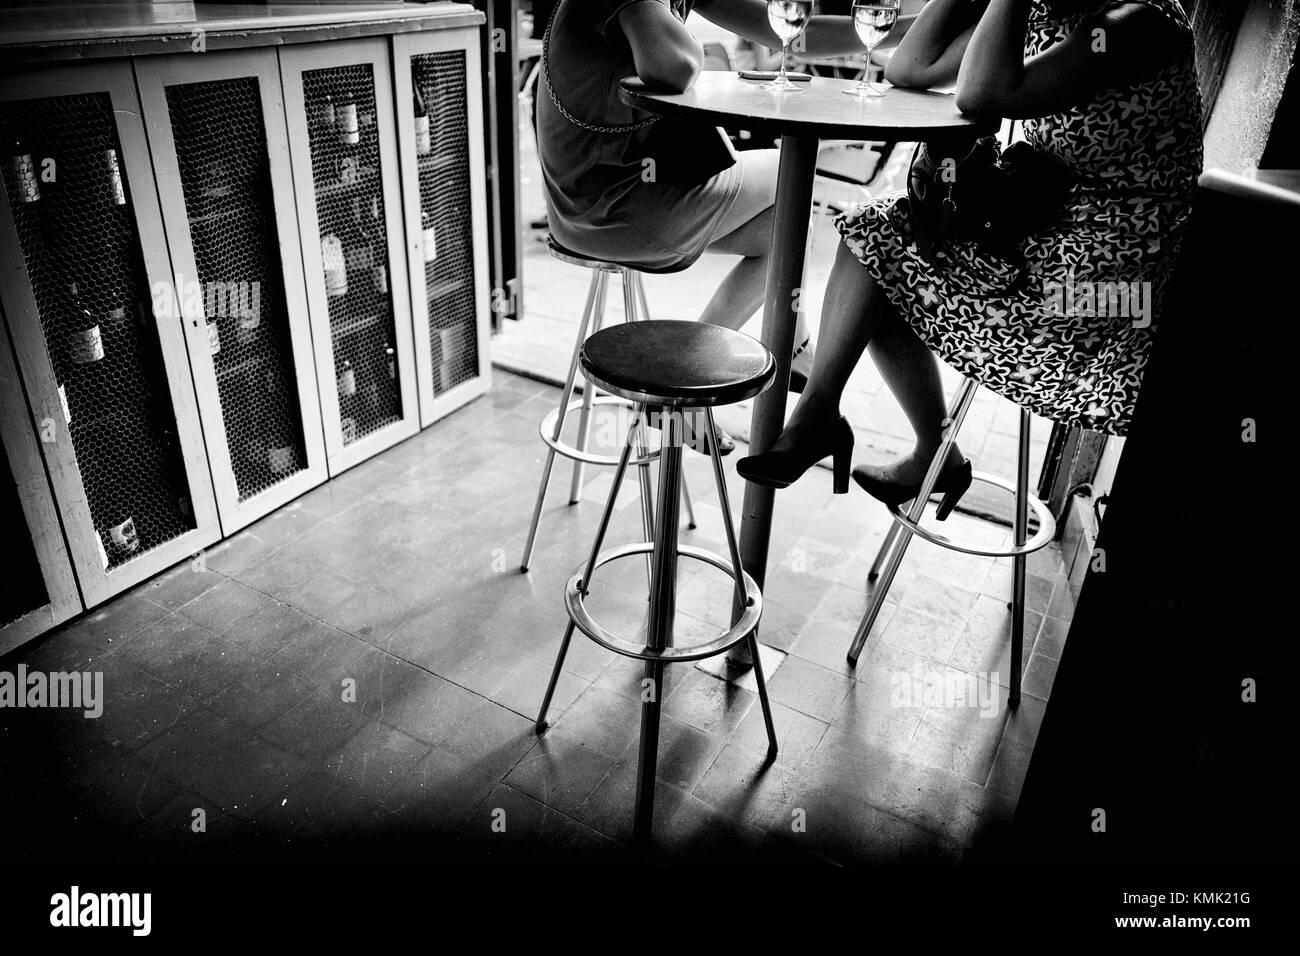 Dos mujeres jovenes irreconocibles tomando una copa de vino en un bar sentadas en un taburete. Barcelona, Catalonia, Stock Photo